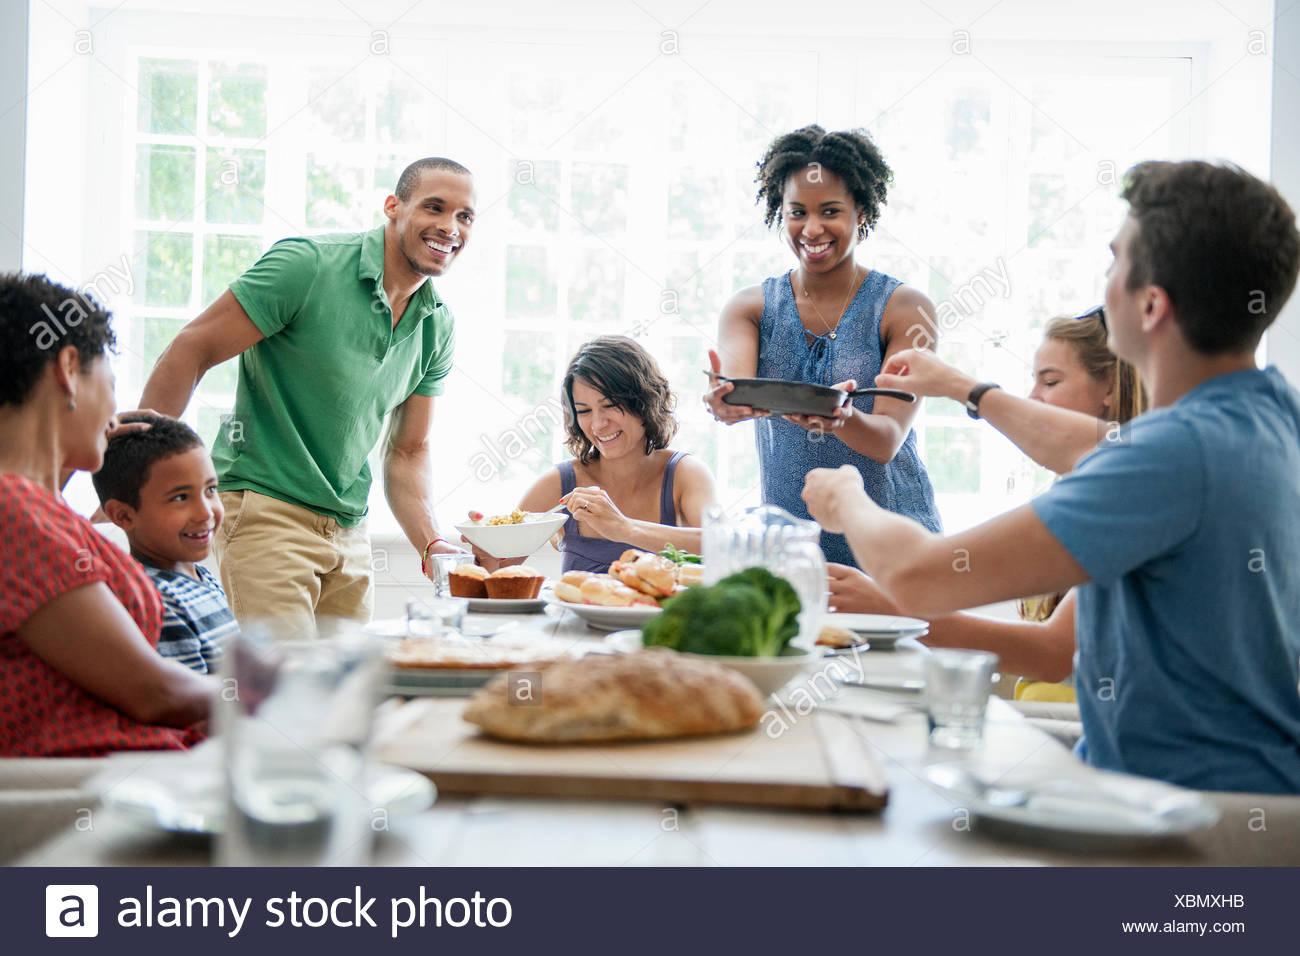 Una riunione di famiglia per un pasto. Adulti e bambini intorno a un tavolo. Immagini Stock